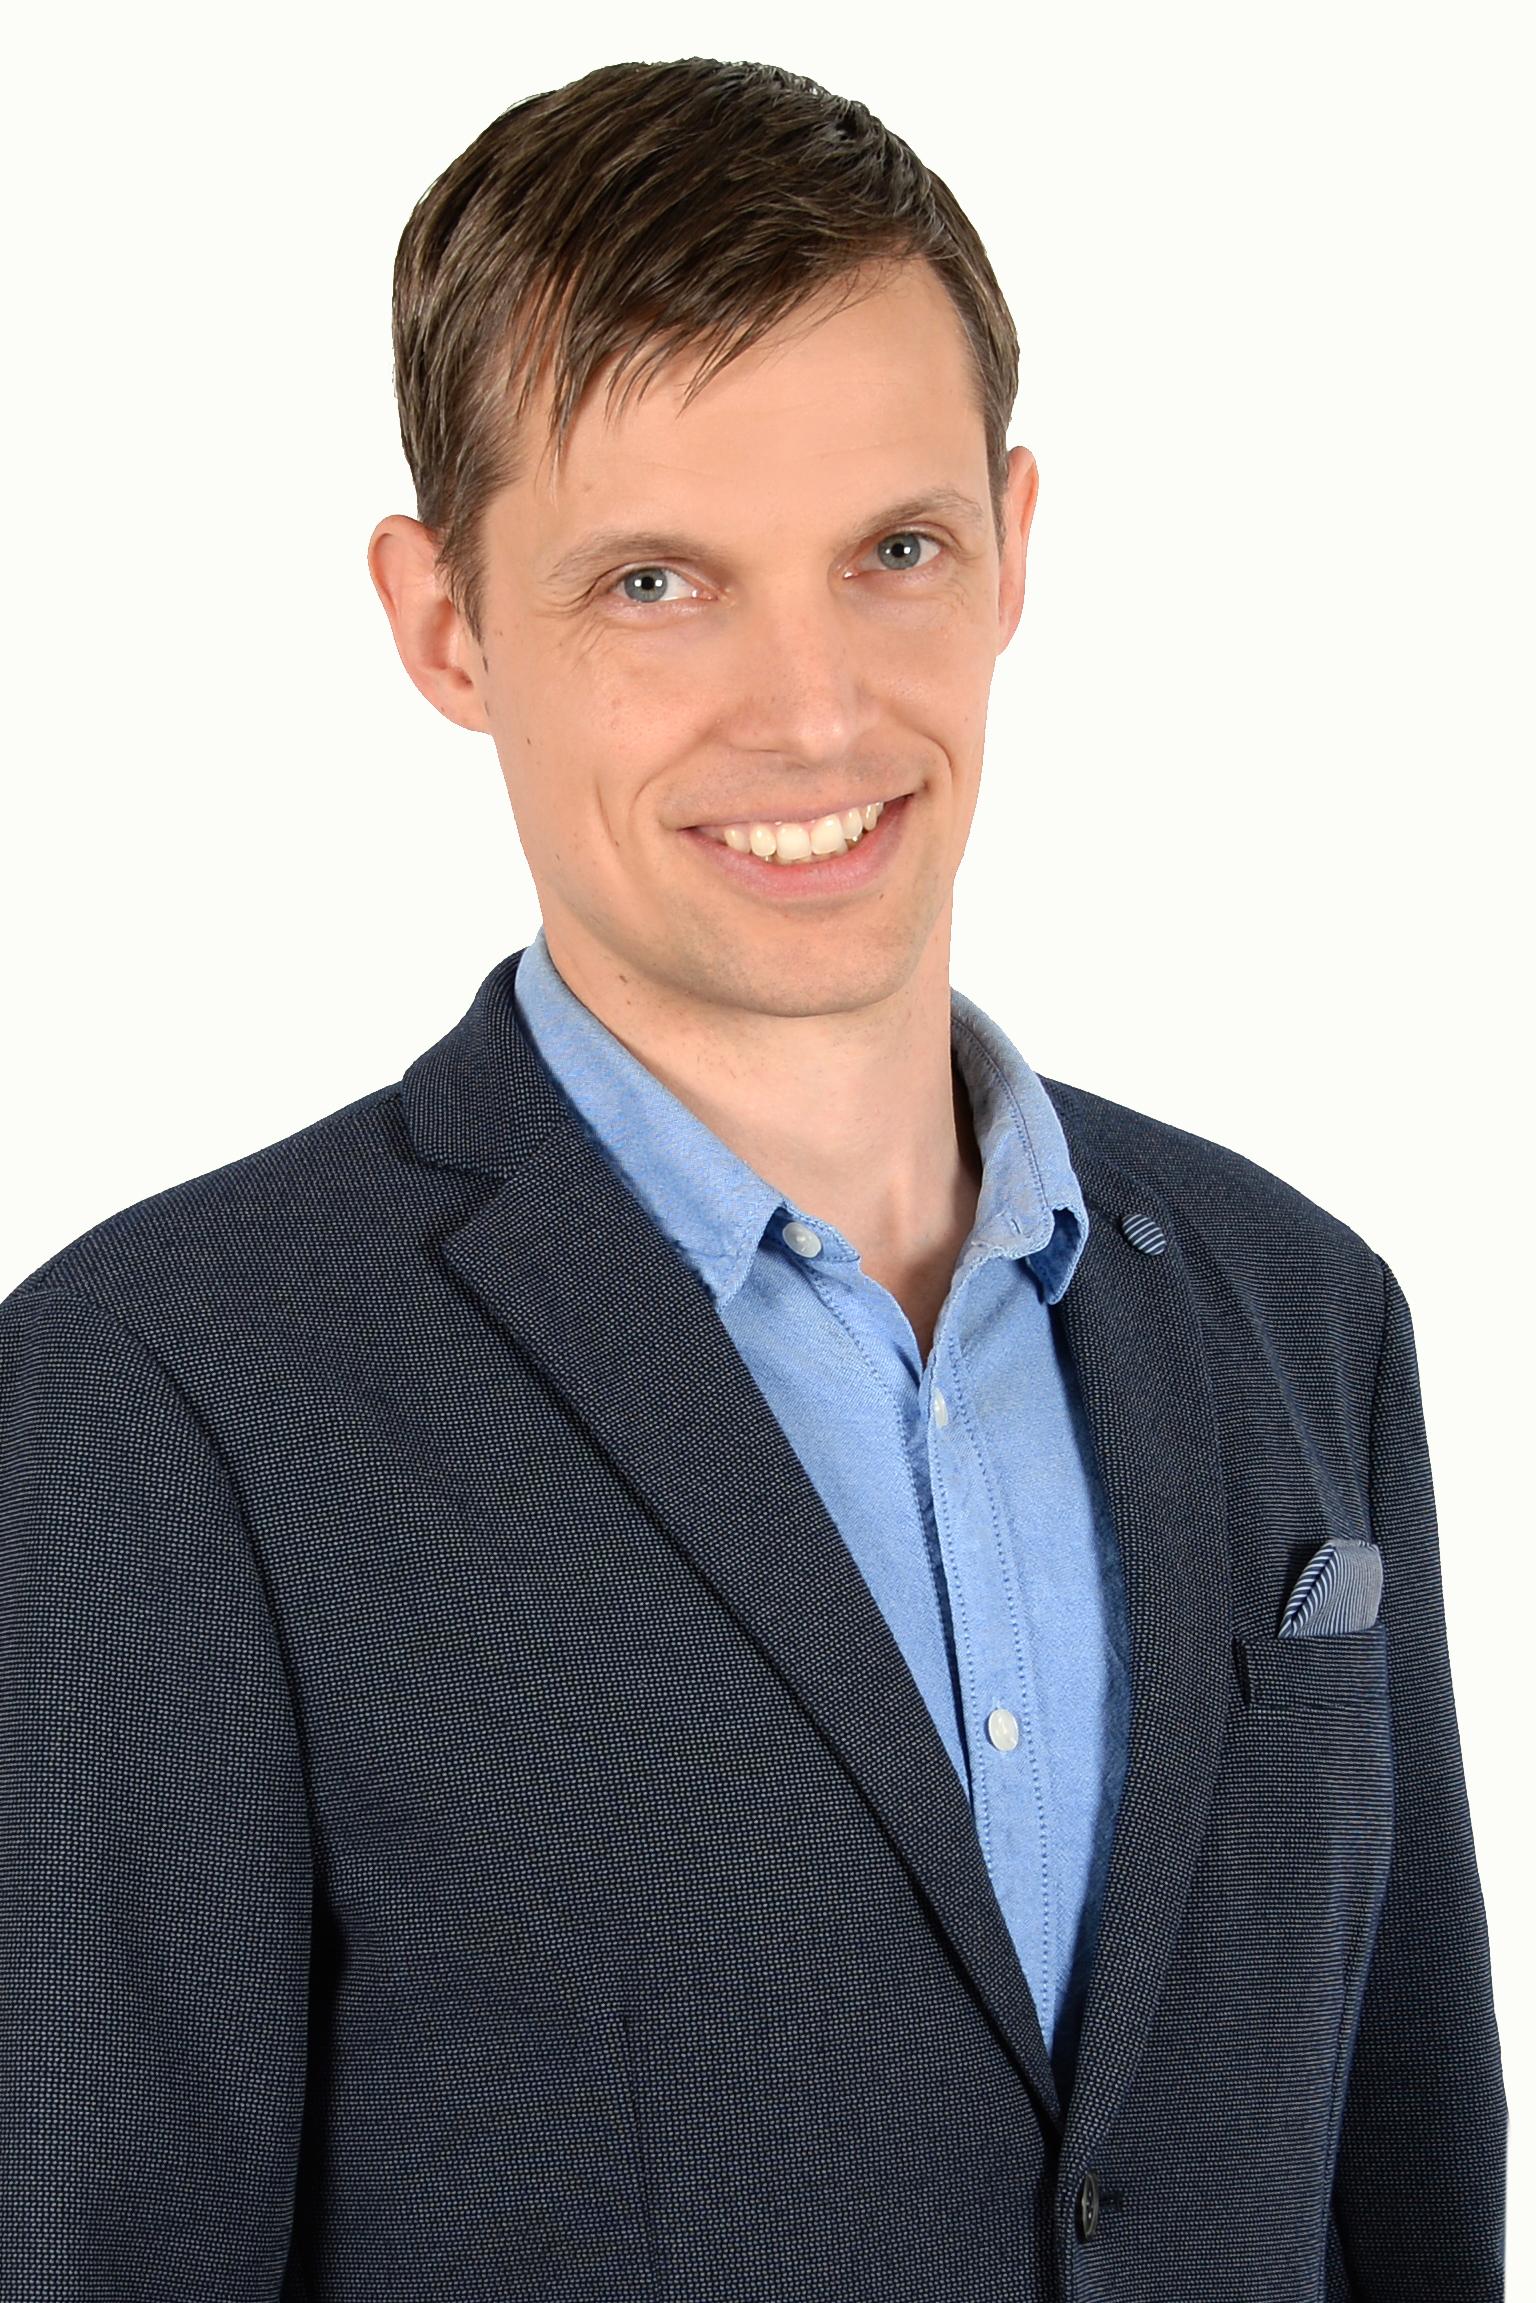 Benjamin Carisch